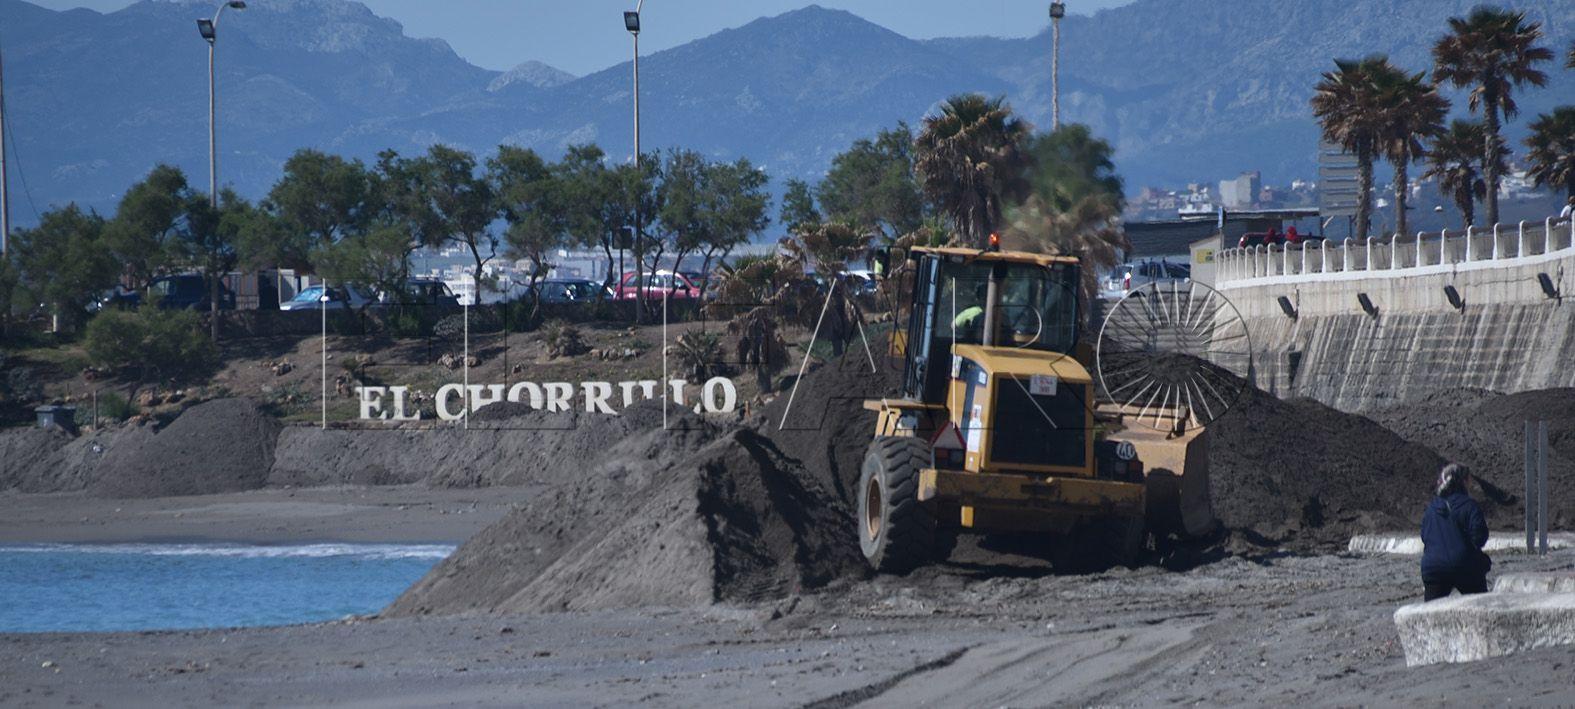 Septem Nostra reclama una Evaluación Ambiental para rellenar las playas del sur